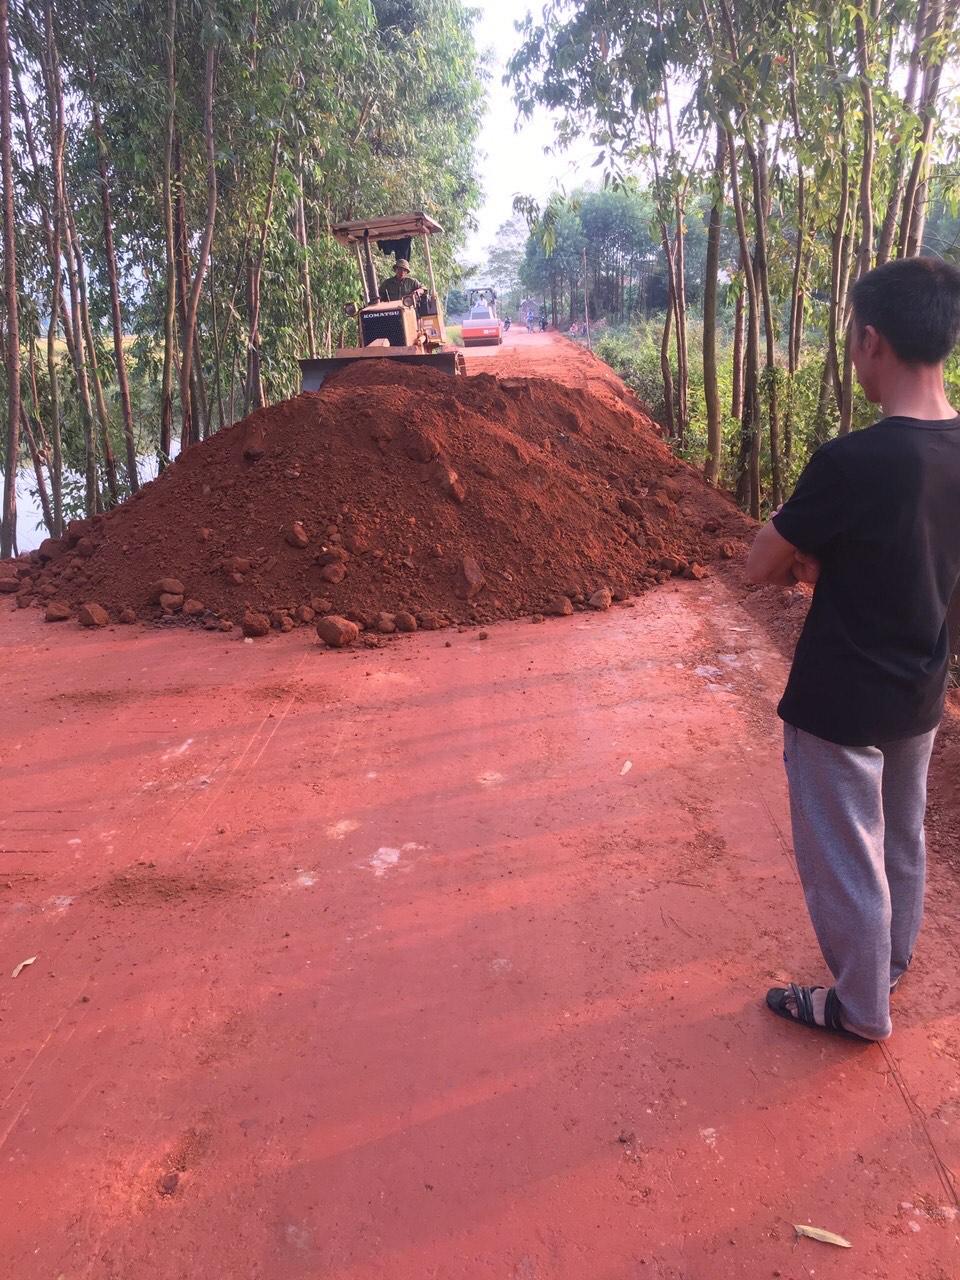 Con đường dẫn vào trung tâm xã đang được xây dựng khang trang, bê tông hóa nhờ nỗ lực, đồng lòng của cả người dân và chính quyền địa phương.